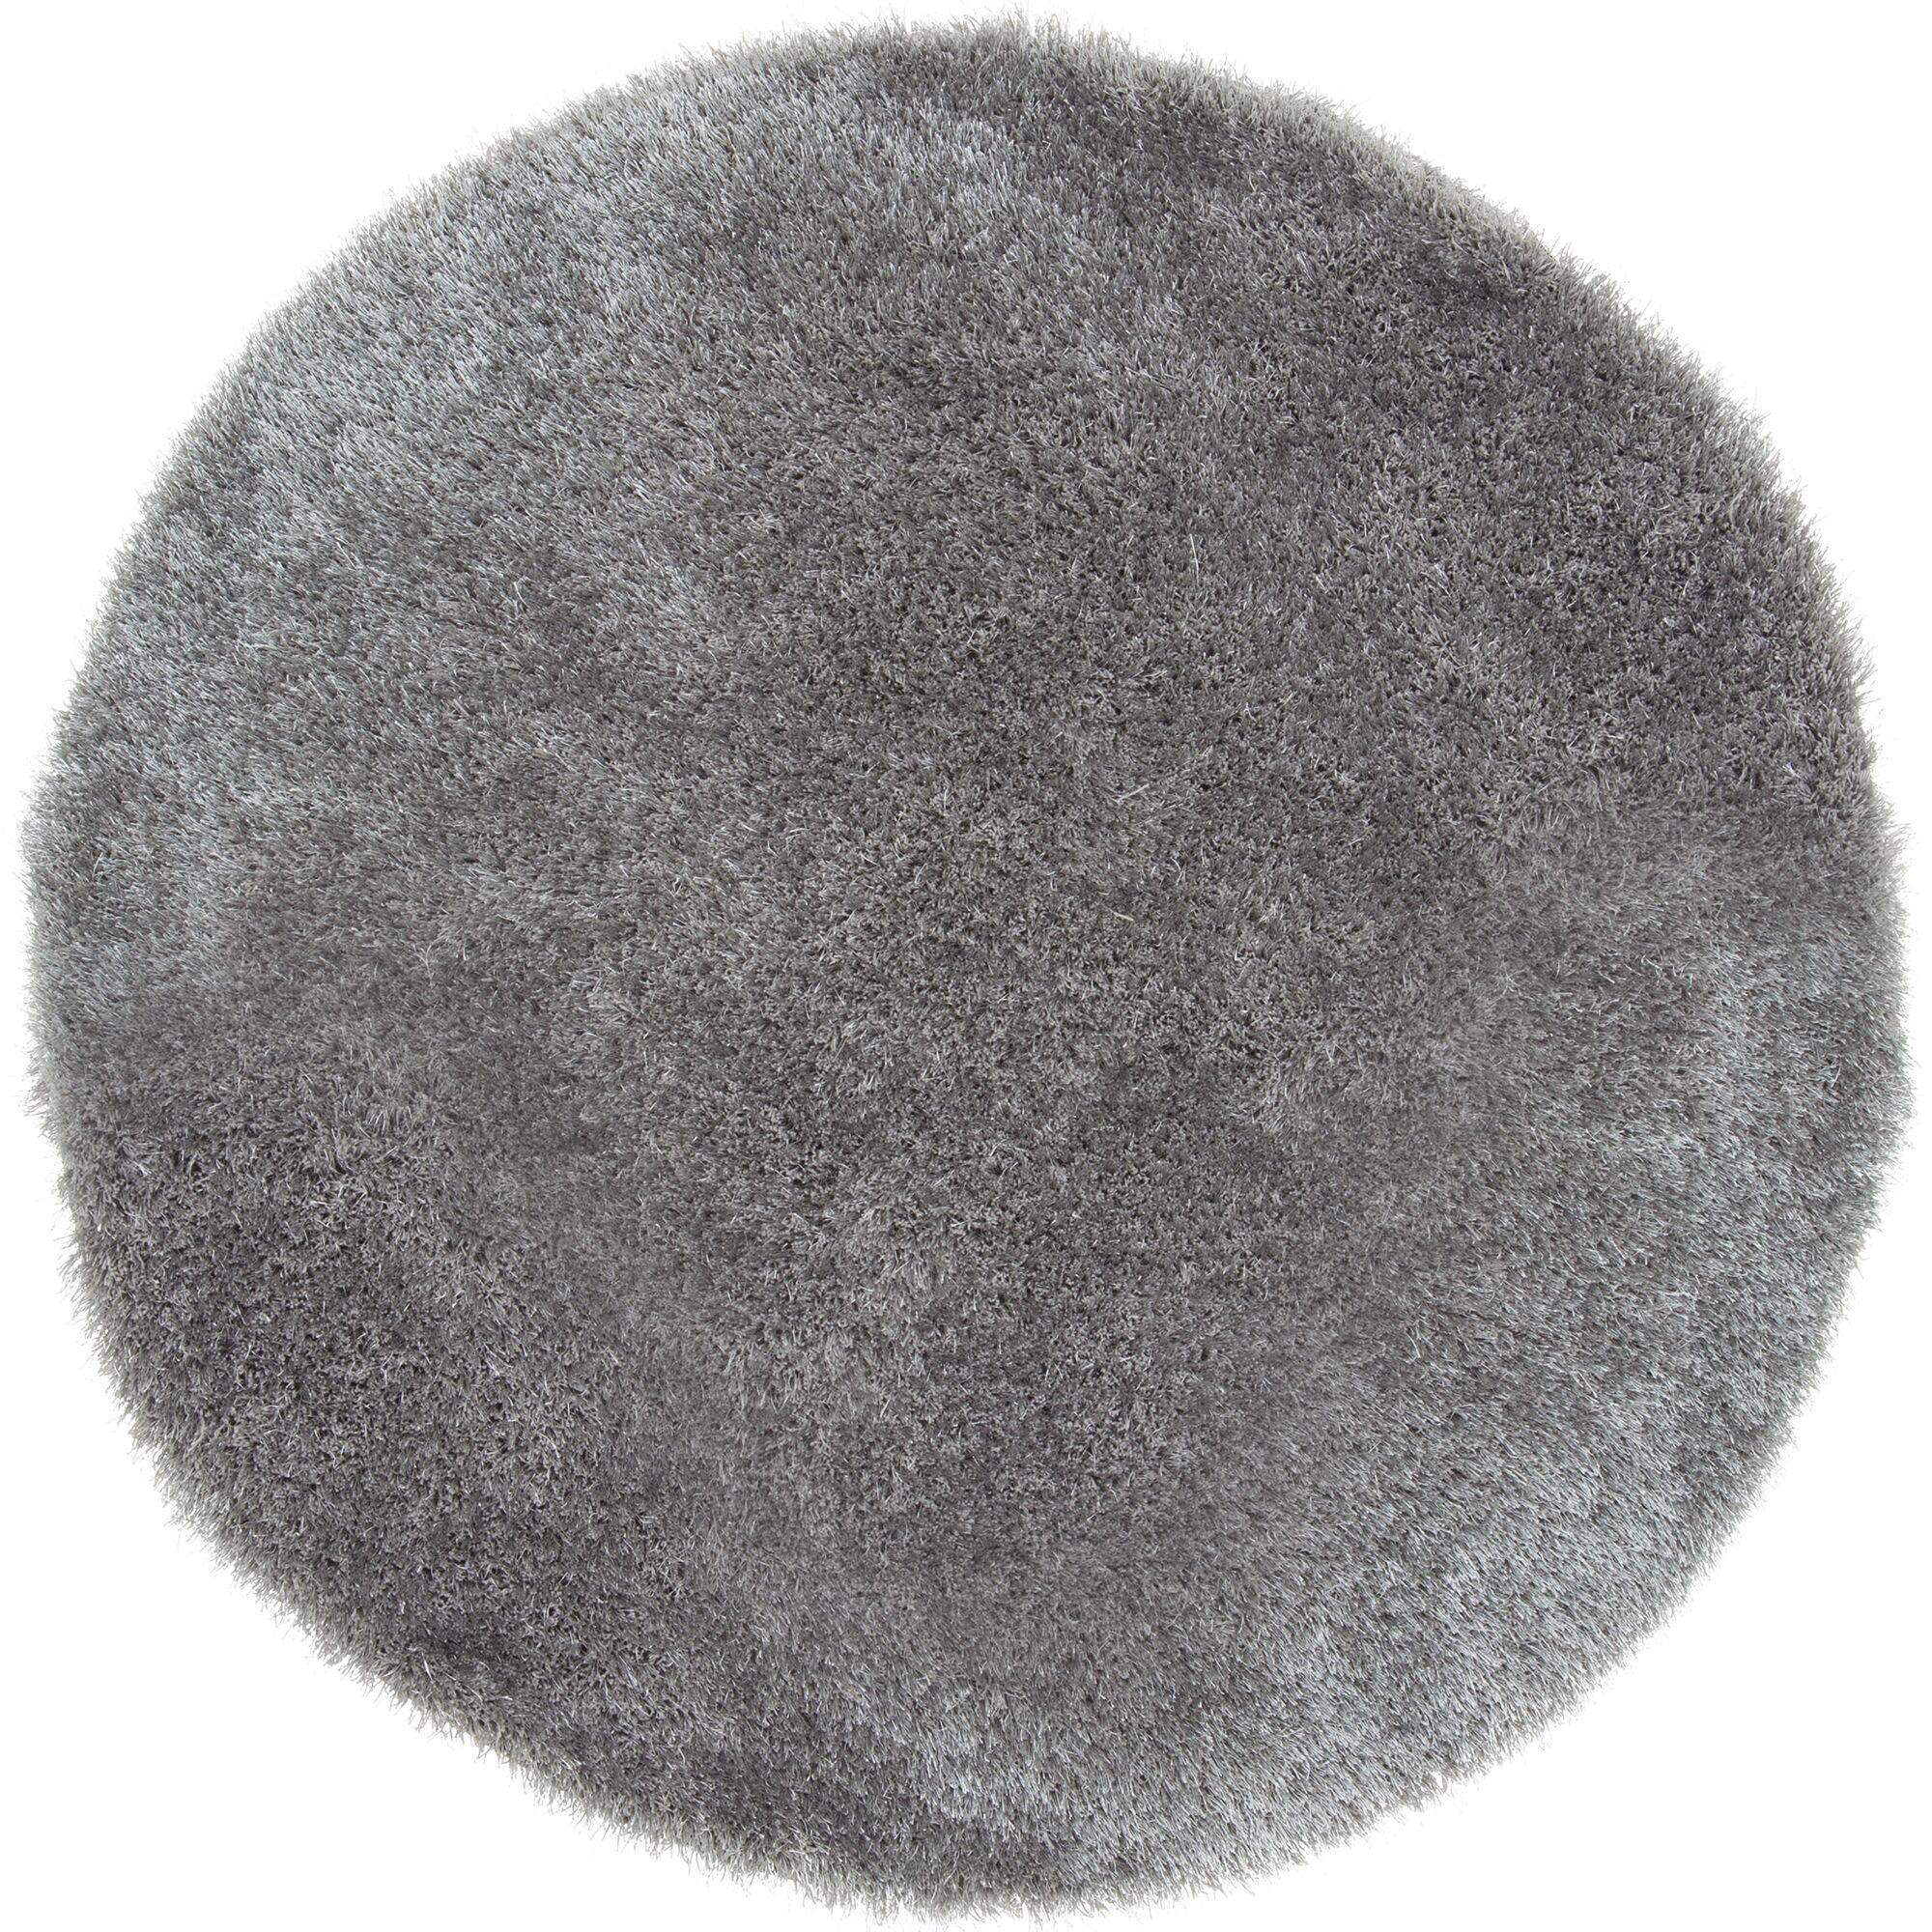 Rusnak Gray Shag Area Rug Rug Size: Round 5'